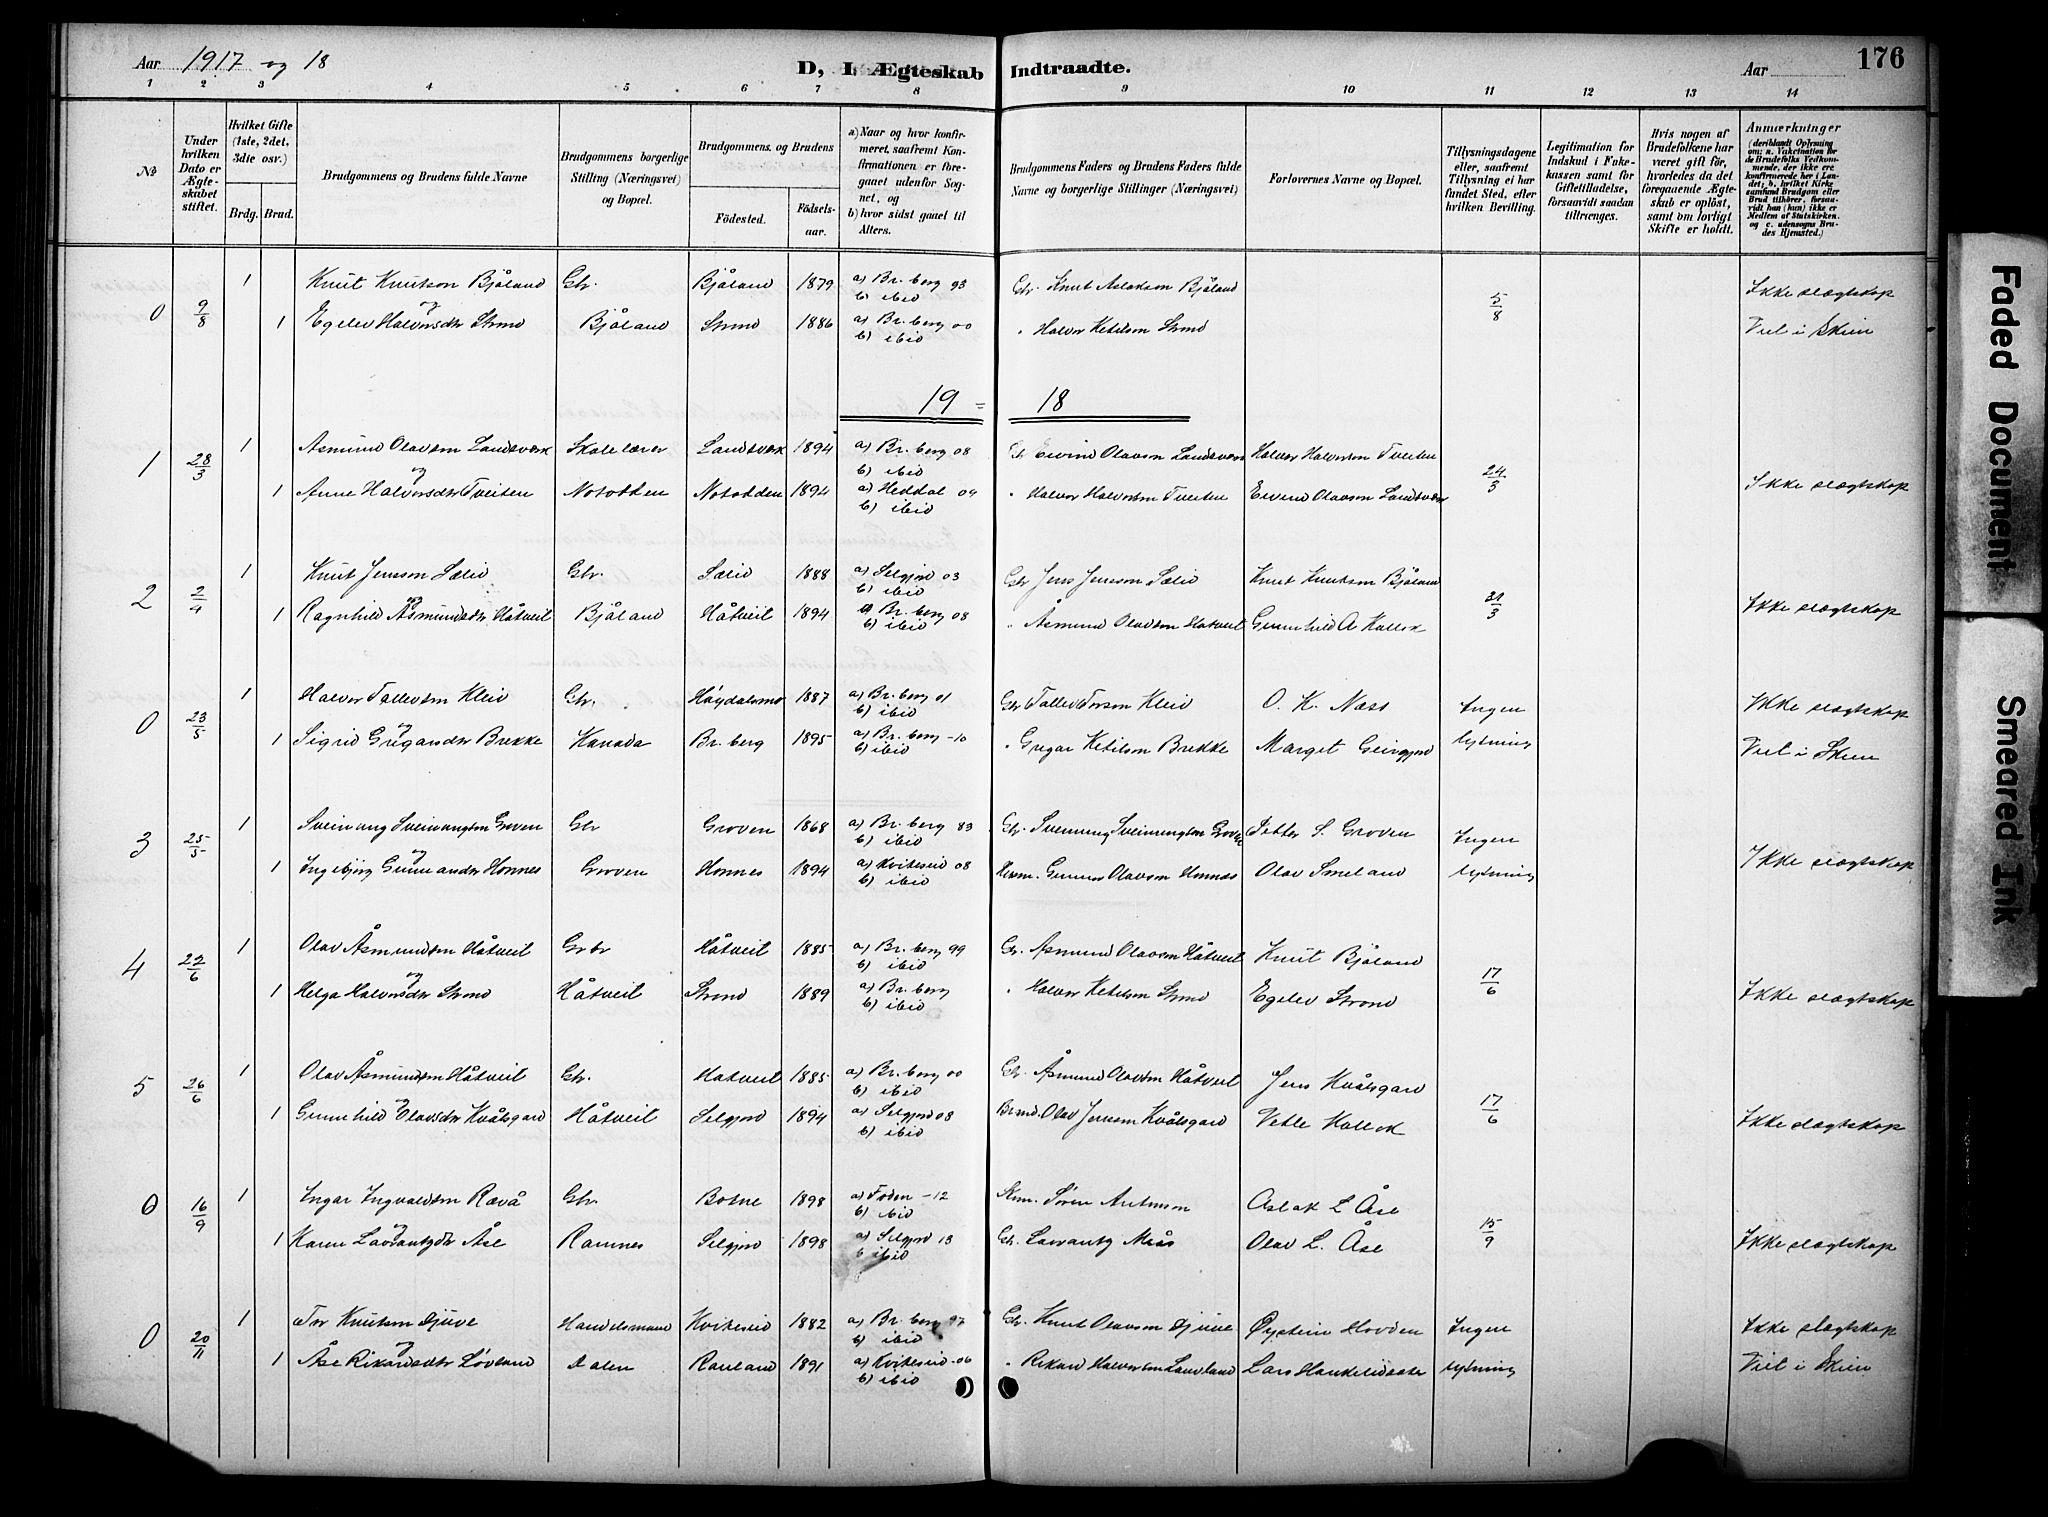 SAKO, Kviteseid kirkebøker, G/Gb/L0003: Klokkerbok nr. II 3, 1893-1933, s. 176